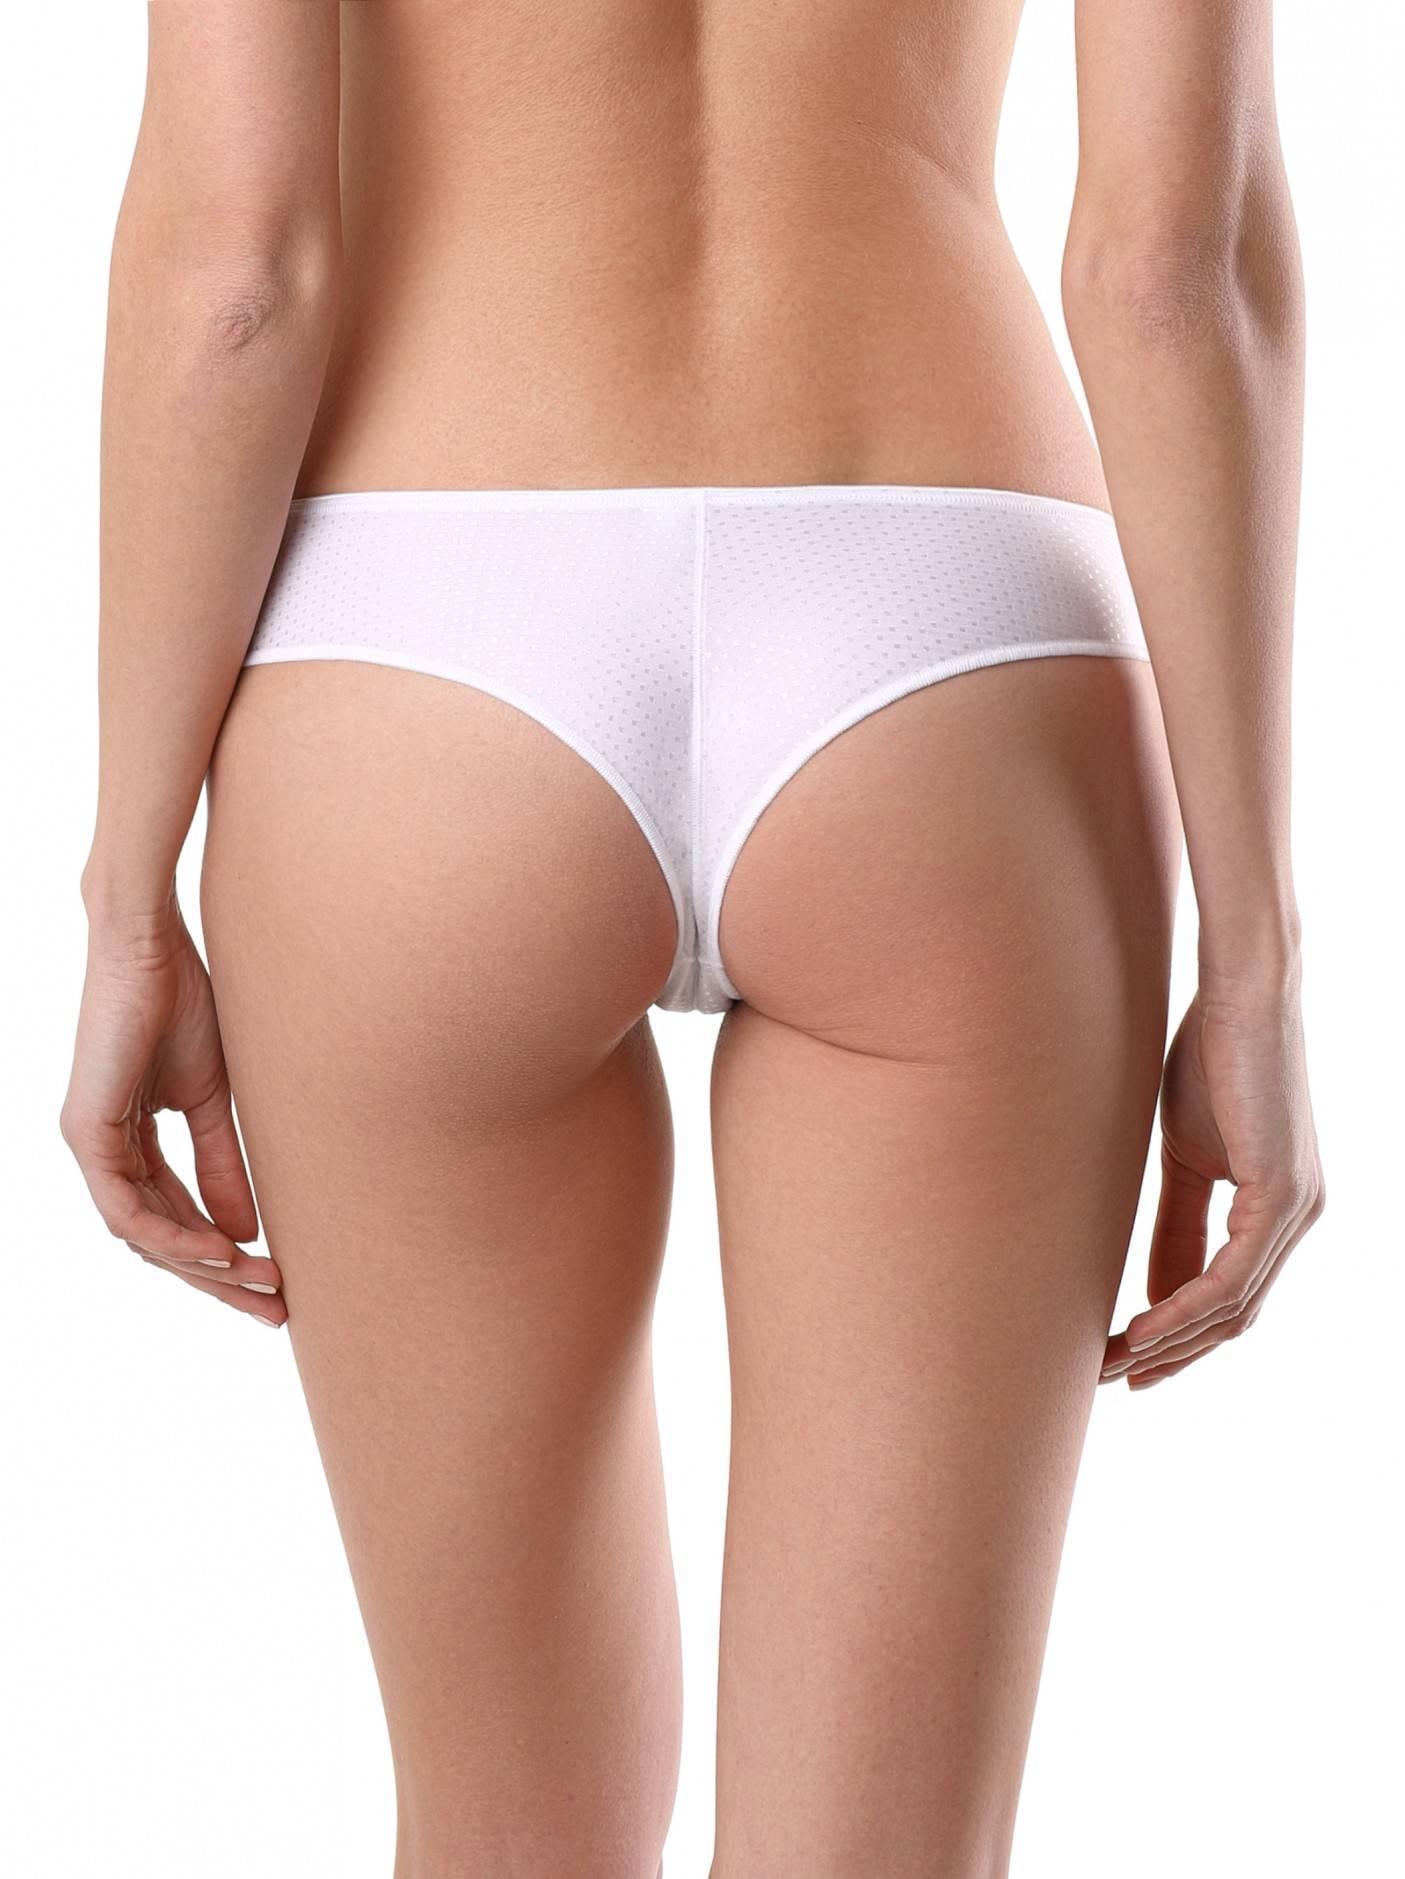 Классификация женского нижнего белья: виды женских трусов от танга до панталон - кому какие носить